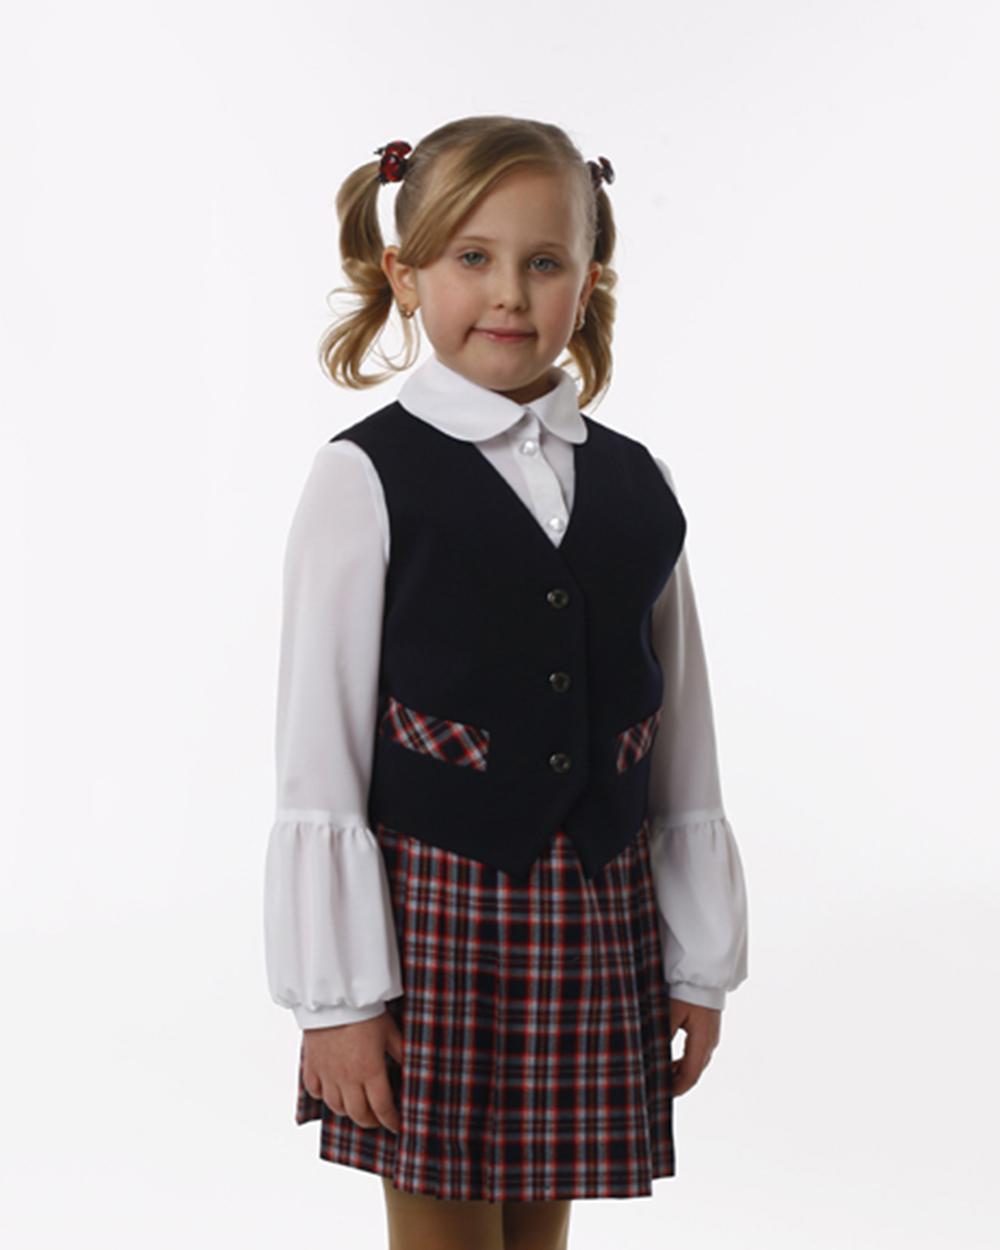 Школьные Белые Блузки Для Девочек В Волгограде